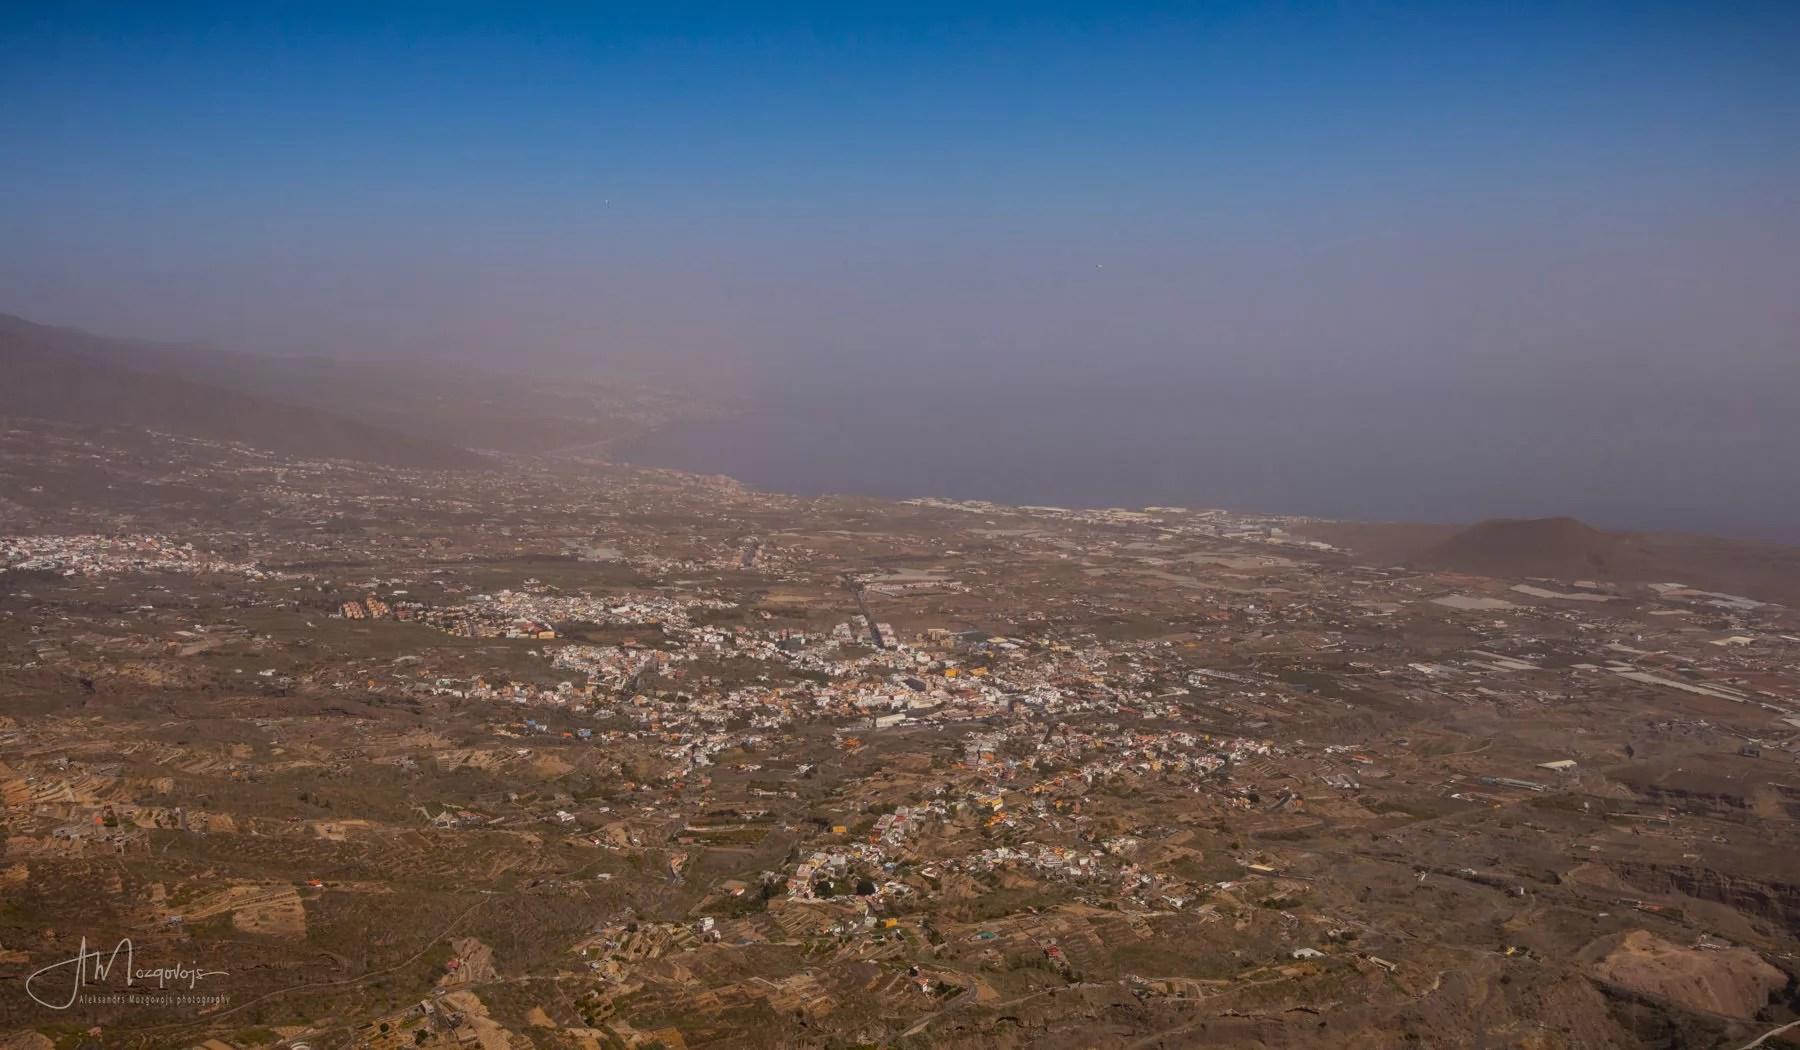 Coastal View from the hike to Ventanas de Güimar